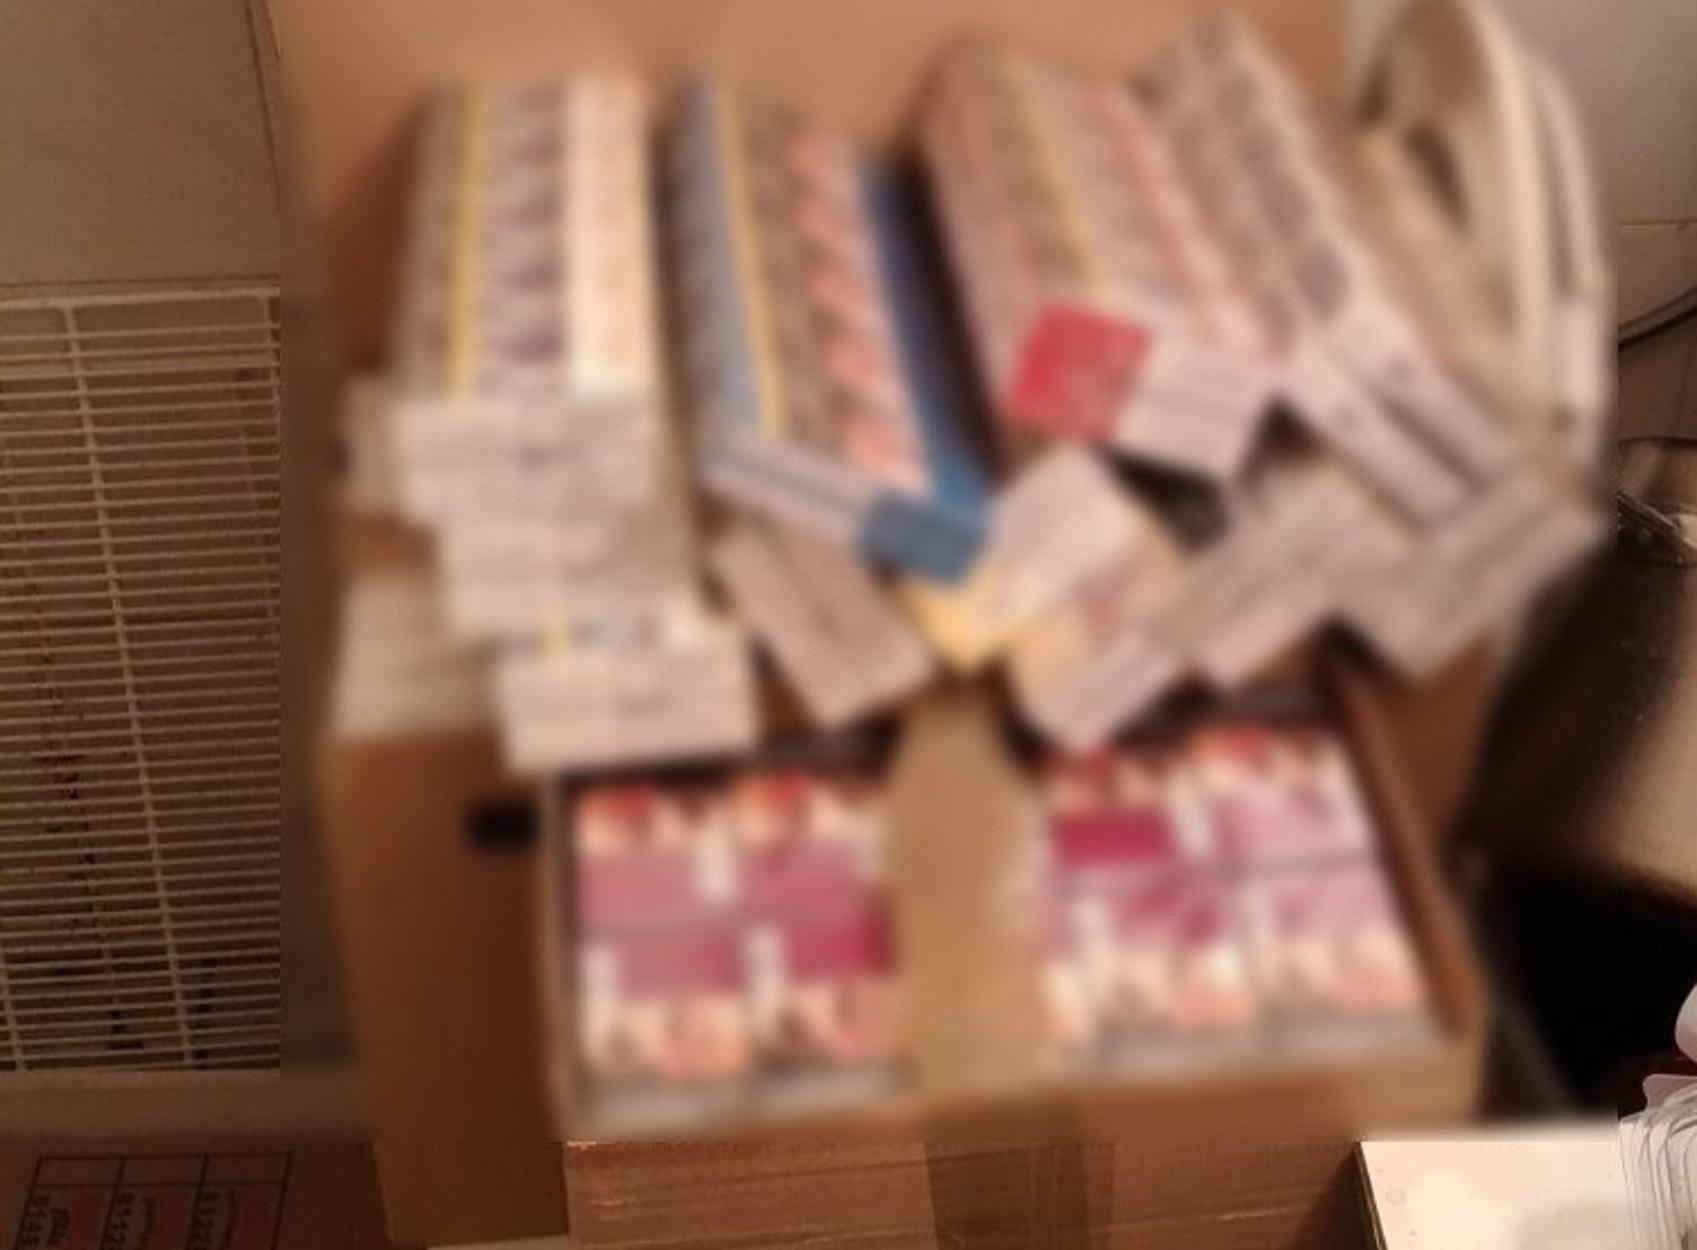 Καματερό: Ιδιοκτήτης μίνι μάρκετ πουλούσε λαθραία τσιγάρα (pics)